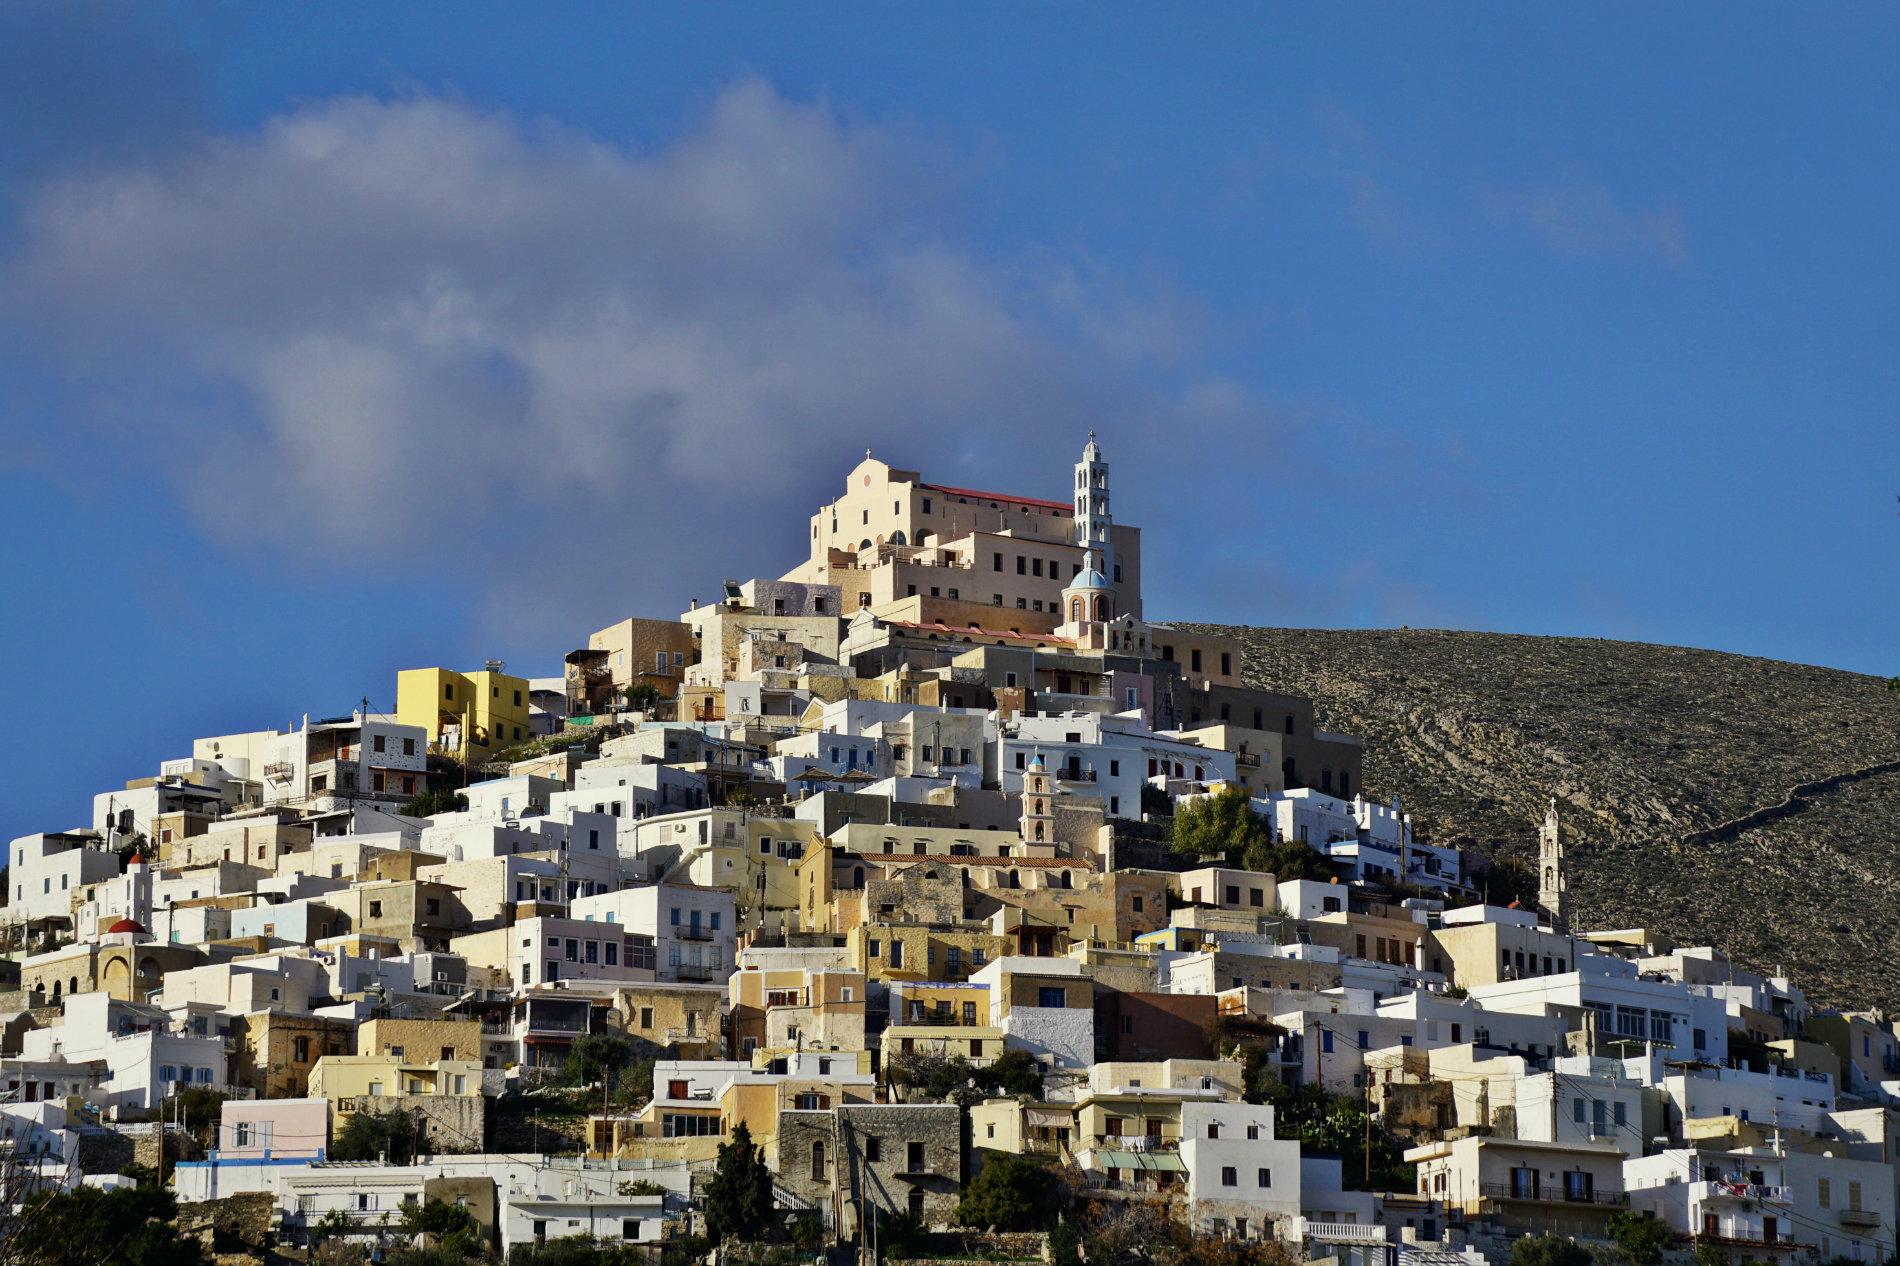 ano_syros_island_F-341597378.jpg